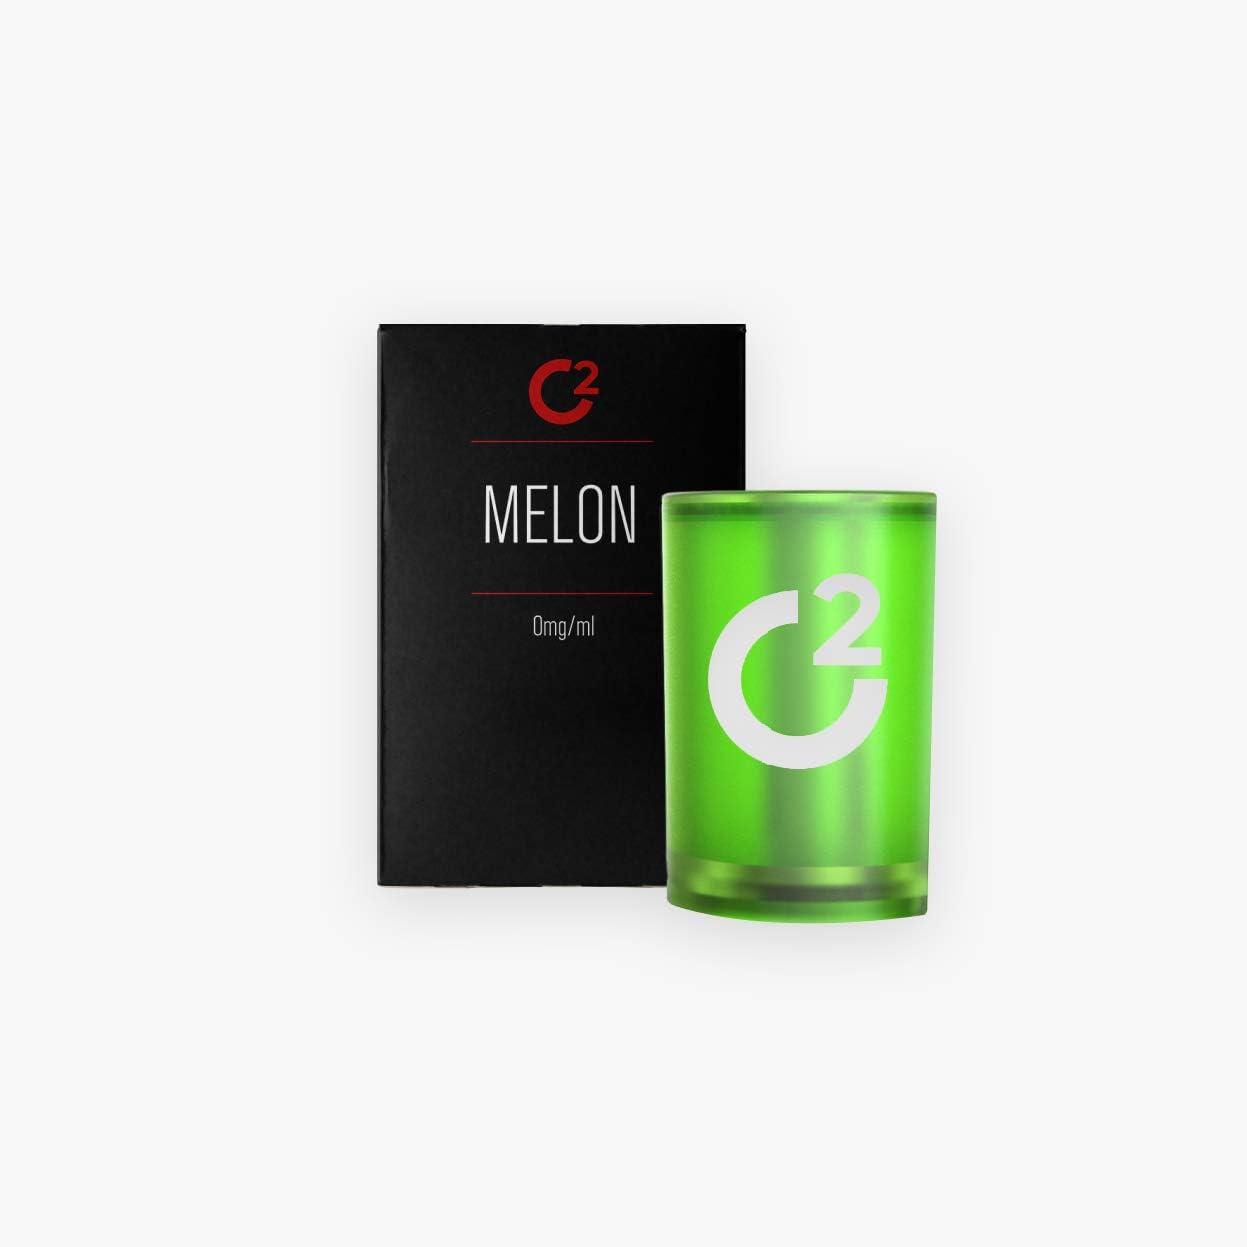 Pod para Cachimba Electrónica Premium – Sin Nicotina, Cápsula para Uso Exclusivo en la Shisha Electrónica Nebu (MELON)